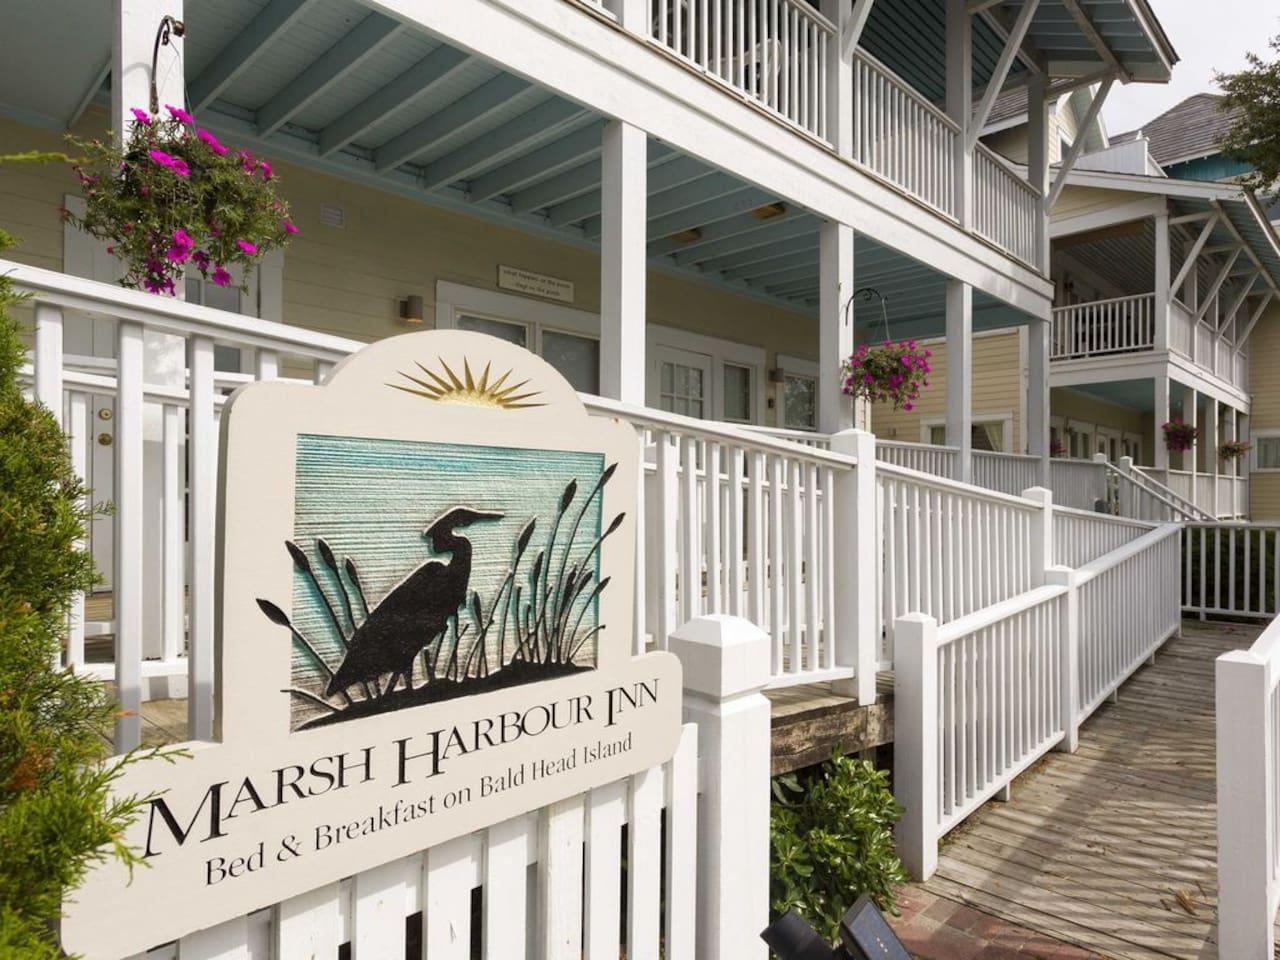 Marsh Harbour Inn - Bald Head